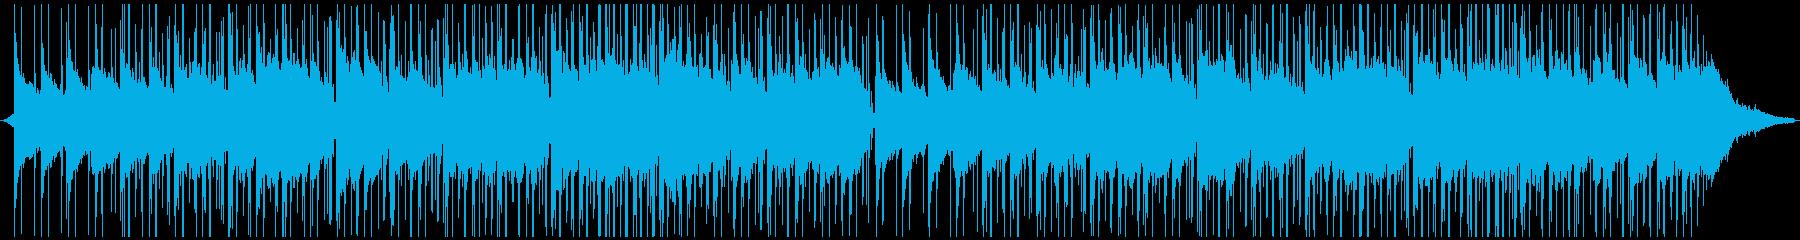 Lo-Fiなリラックスできるチルビートの再生済みの波形